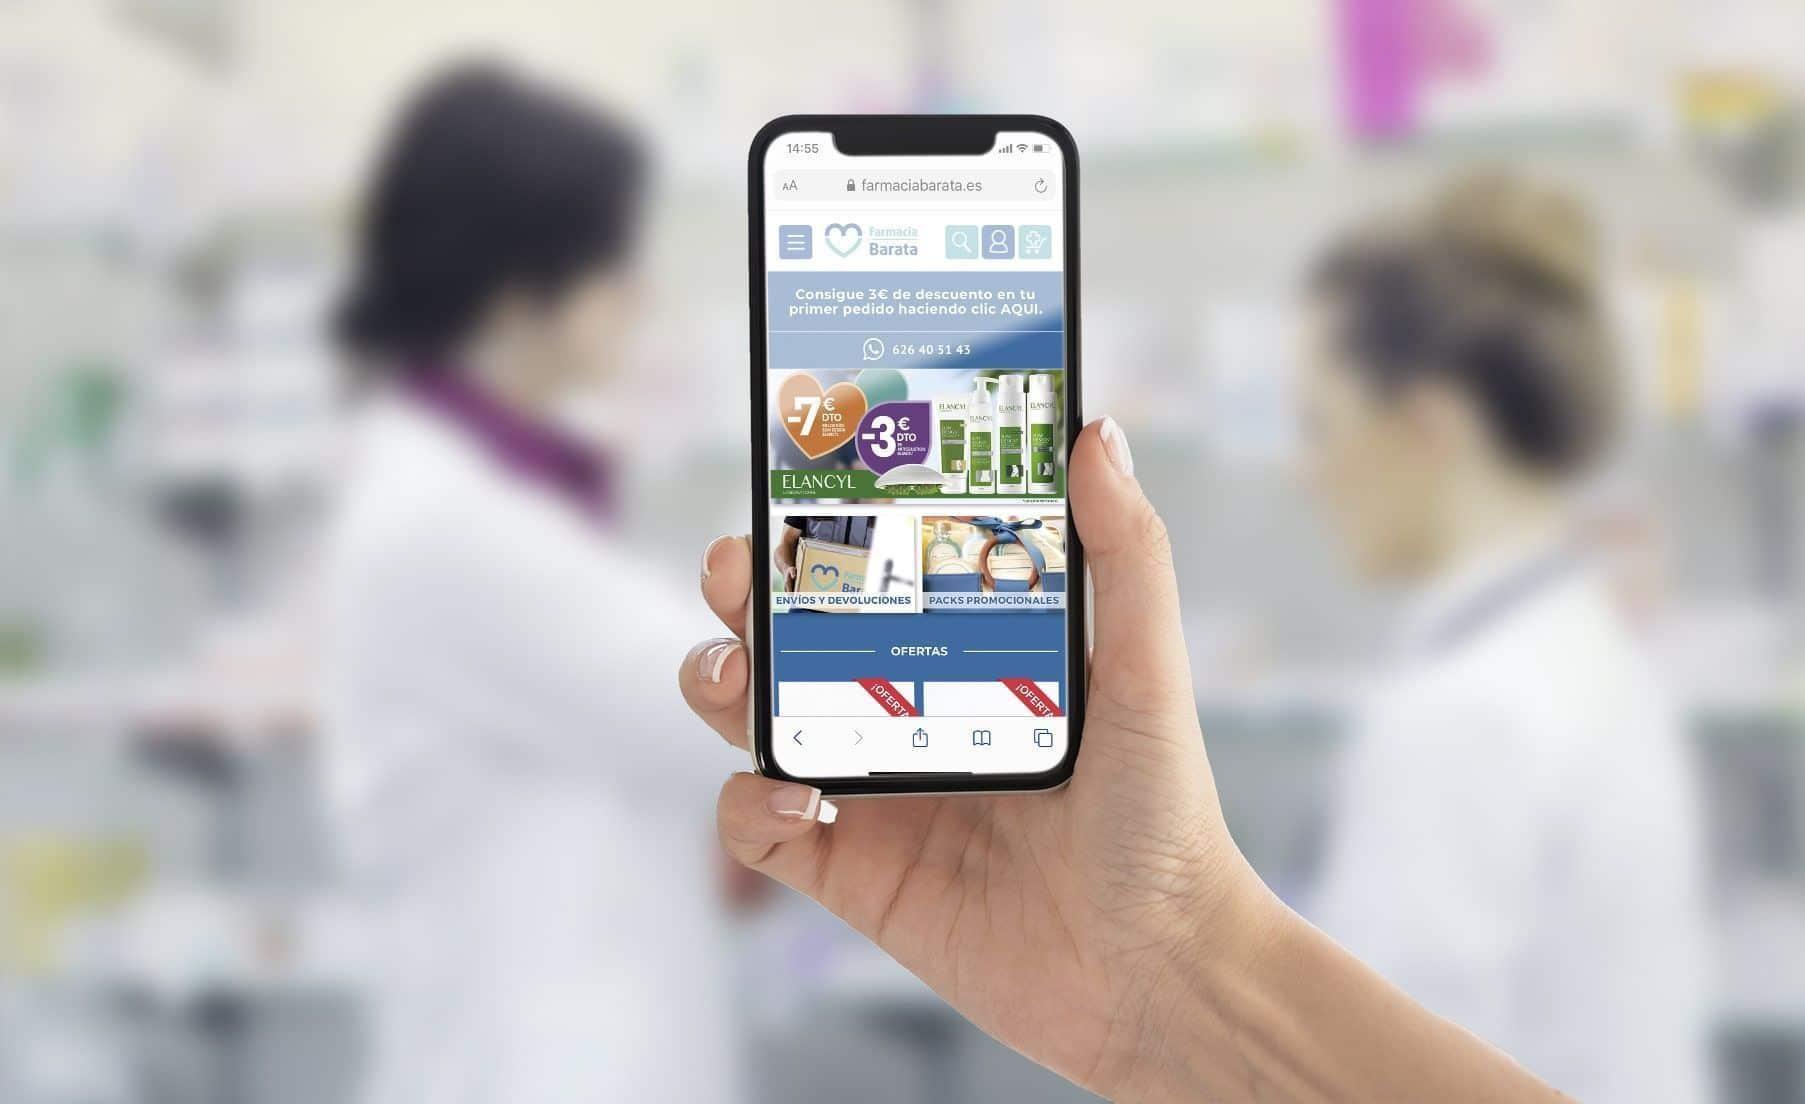 App de farmacia online barata